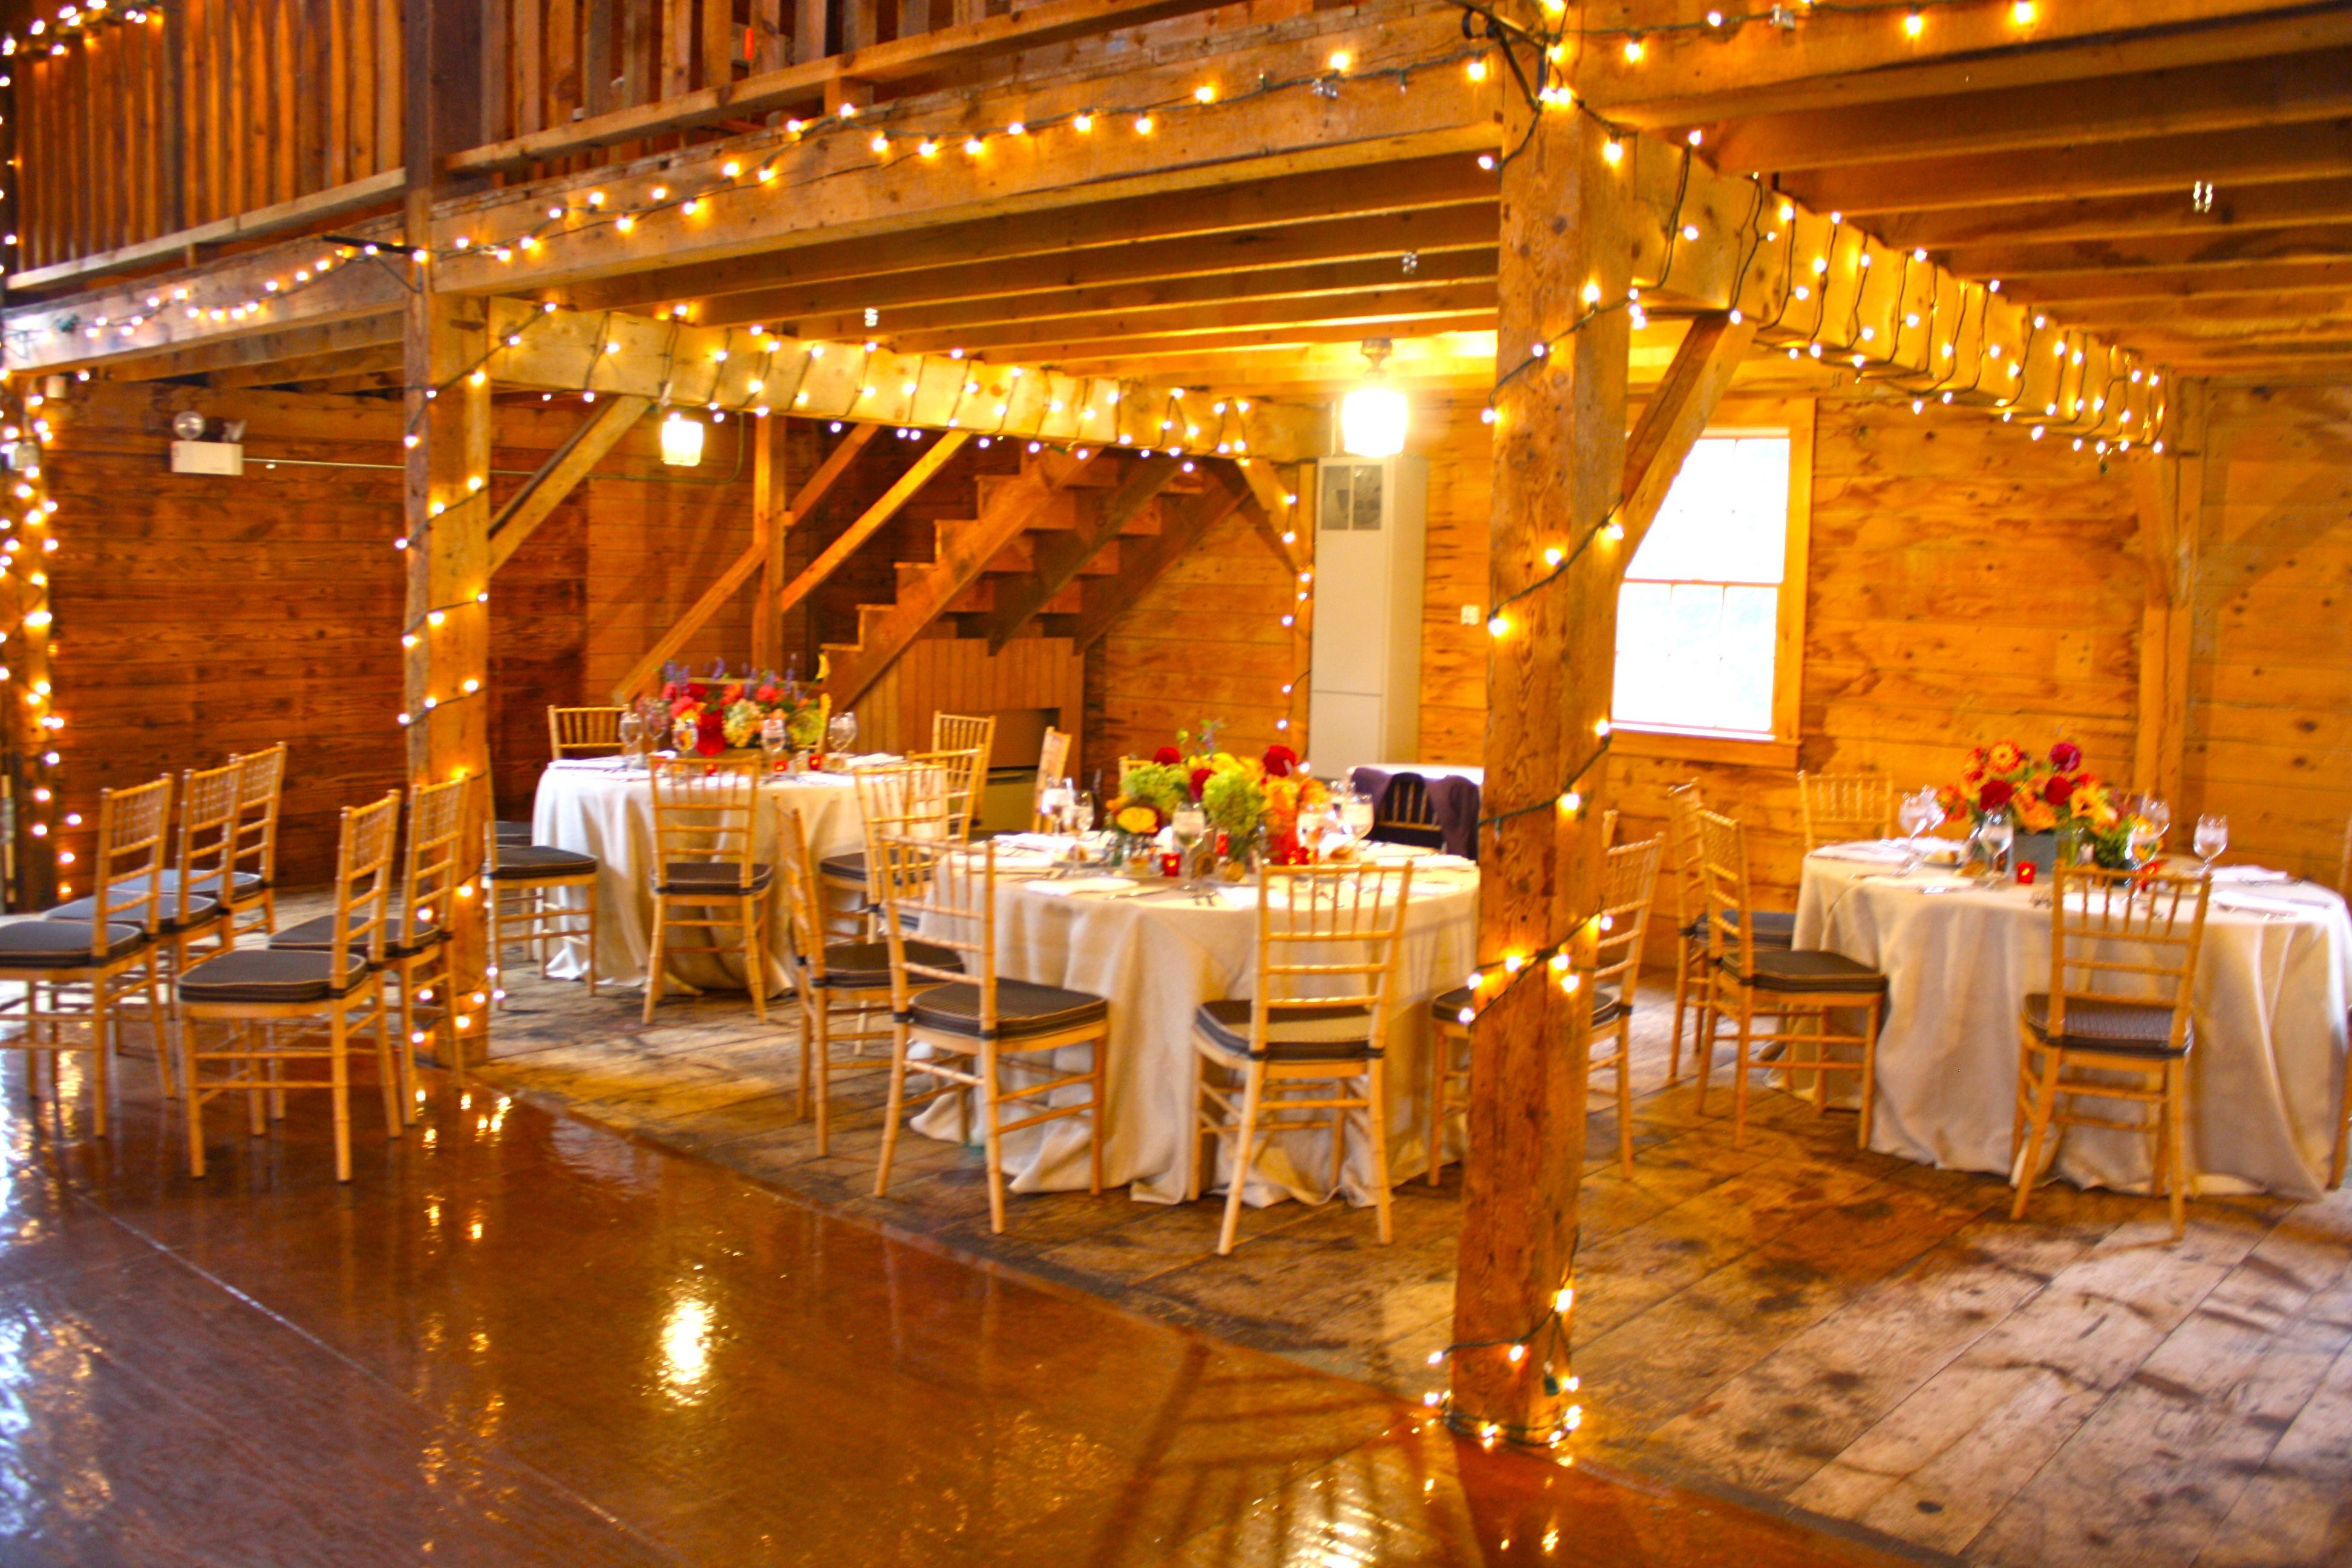 Wedding venue decoration images  Incredibly beautiful fall wedding in a barn  Wedding Ideas